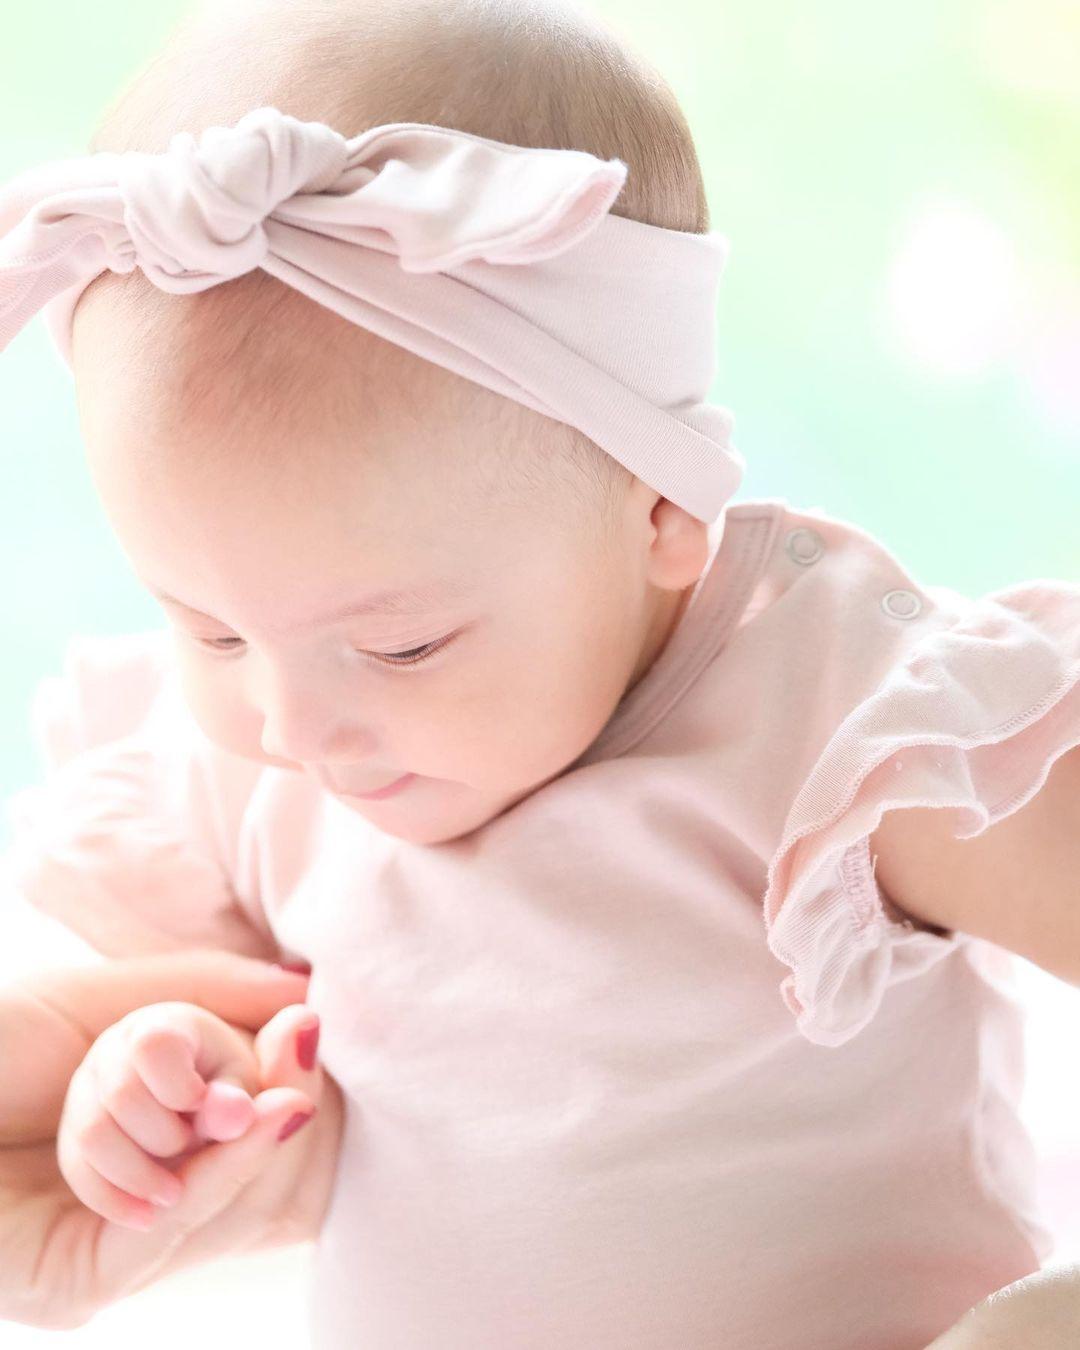 Hồ Ngọc Hà khoe trọn bộ ảnh cặp song sinh 6 tháng: Lisa công chúa ngơ ngác, Leon thanh niên nghiêm túc 0